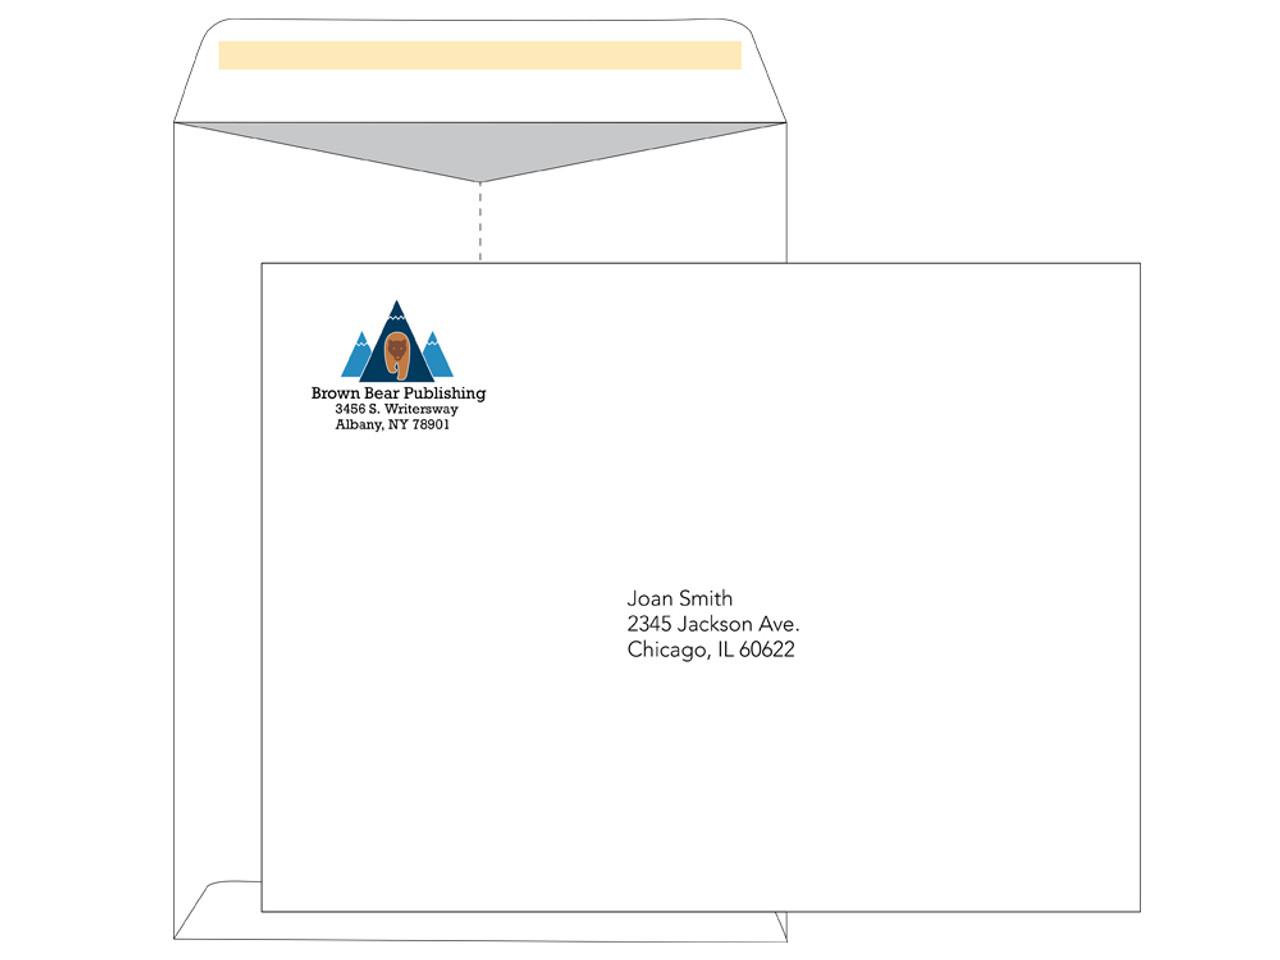 PRINTED - Custom 9x12 Envelopes - EN1036